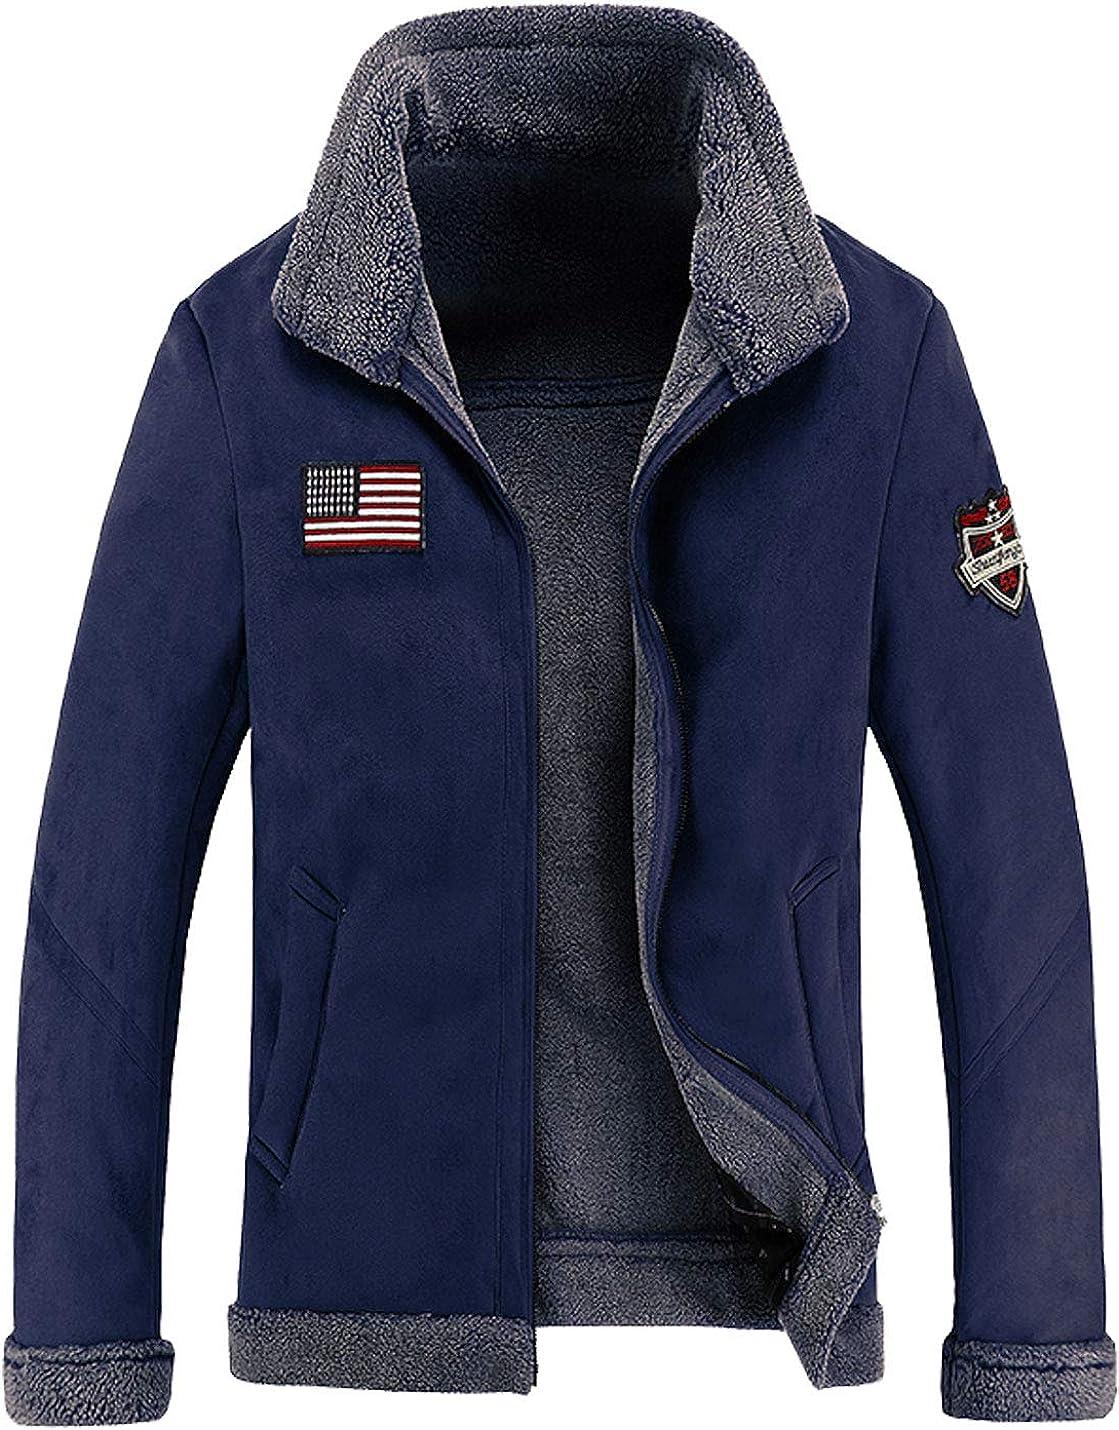 Flygo Men's Winter Suede Leather Sherpa Lined Trucker Jacket Coat